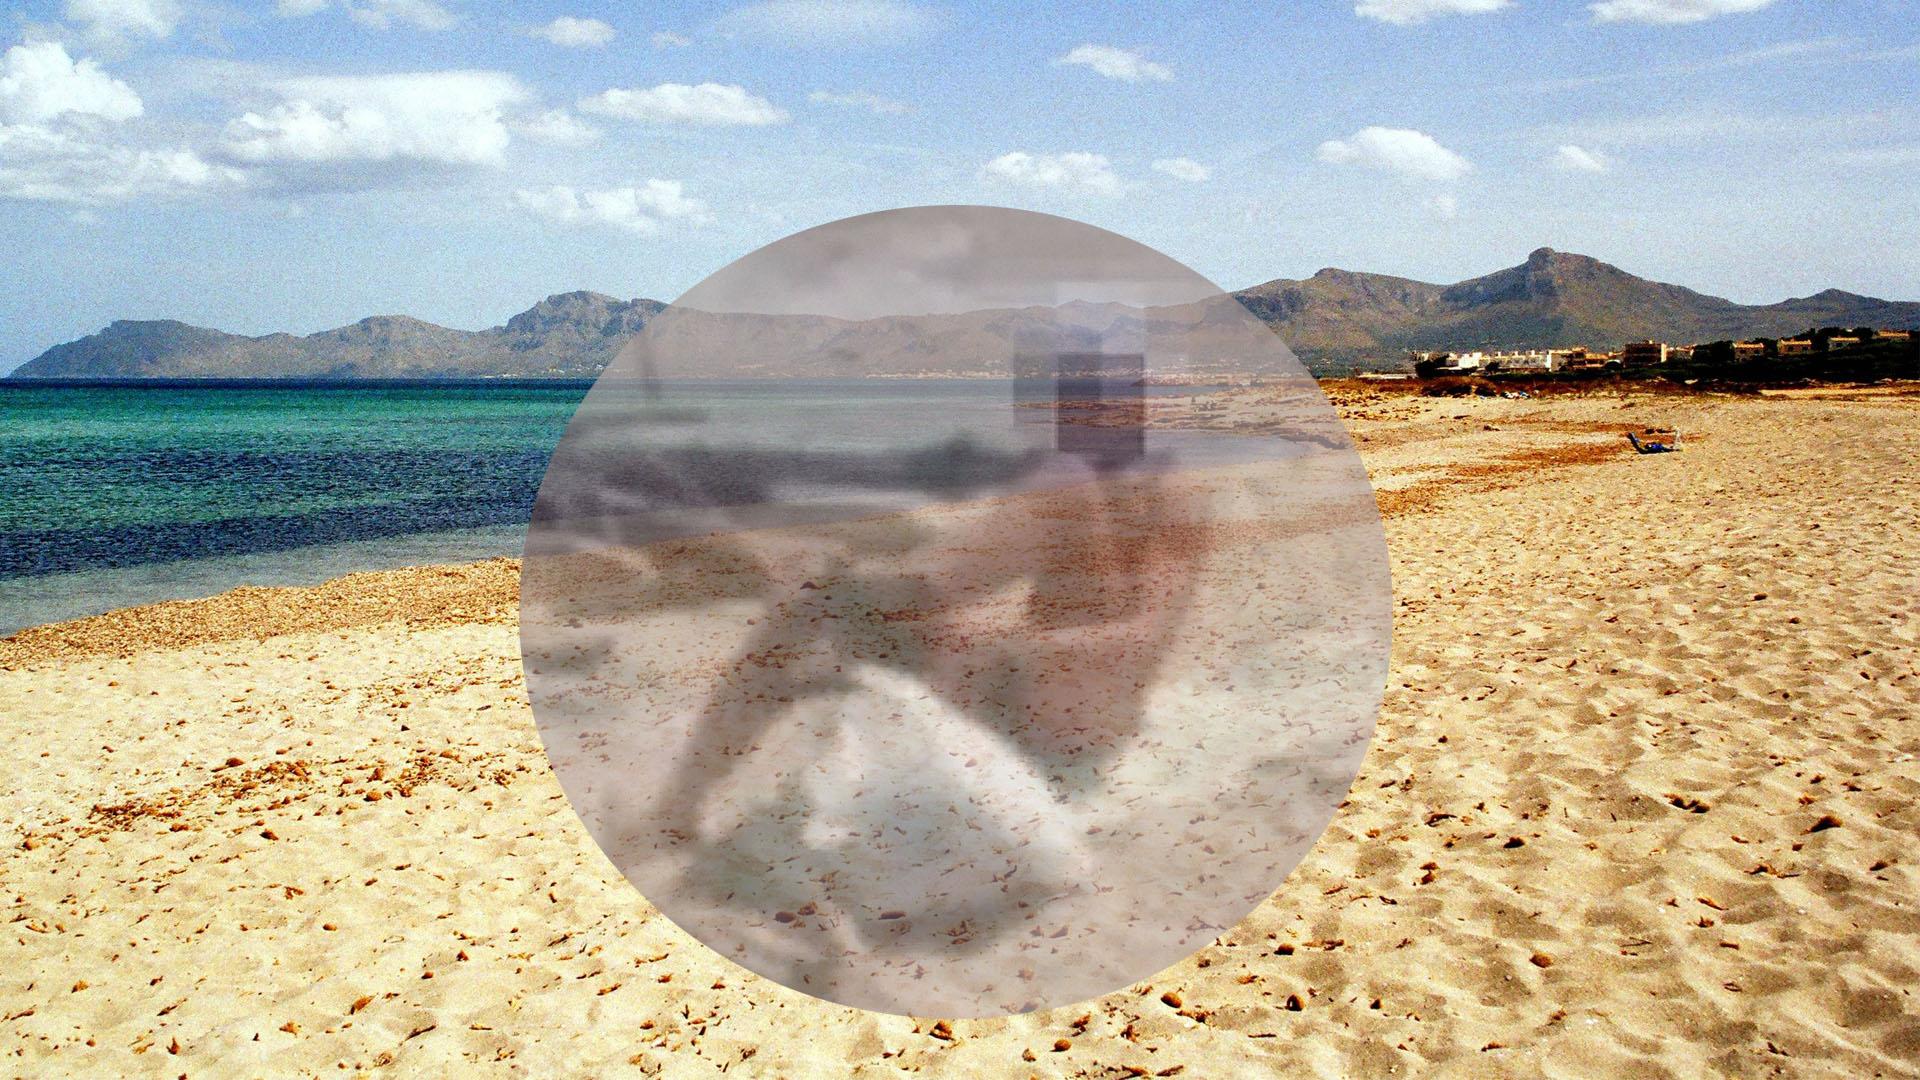 Se masturba delante de una chica en la playa. Ella le graba y le repudia. Él sale huyendo (video)